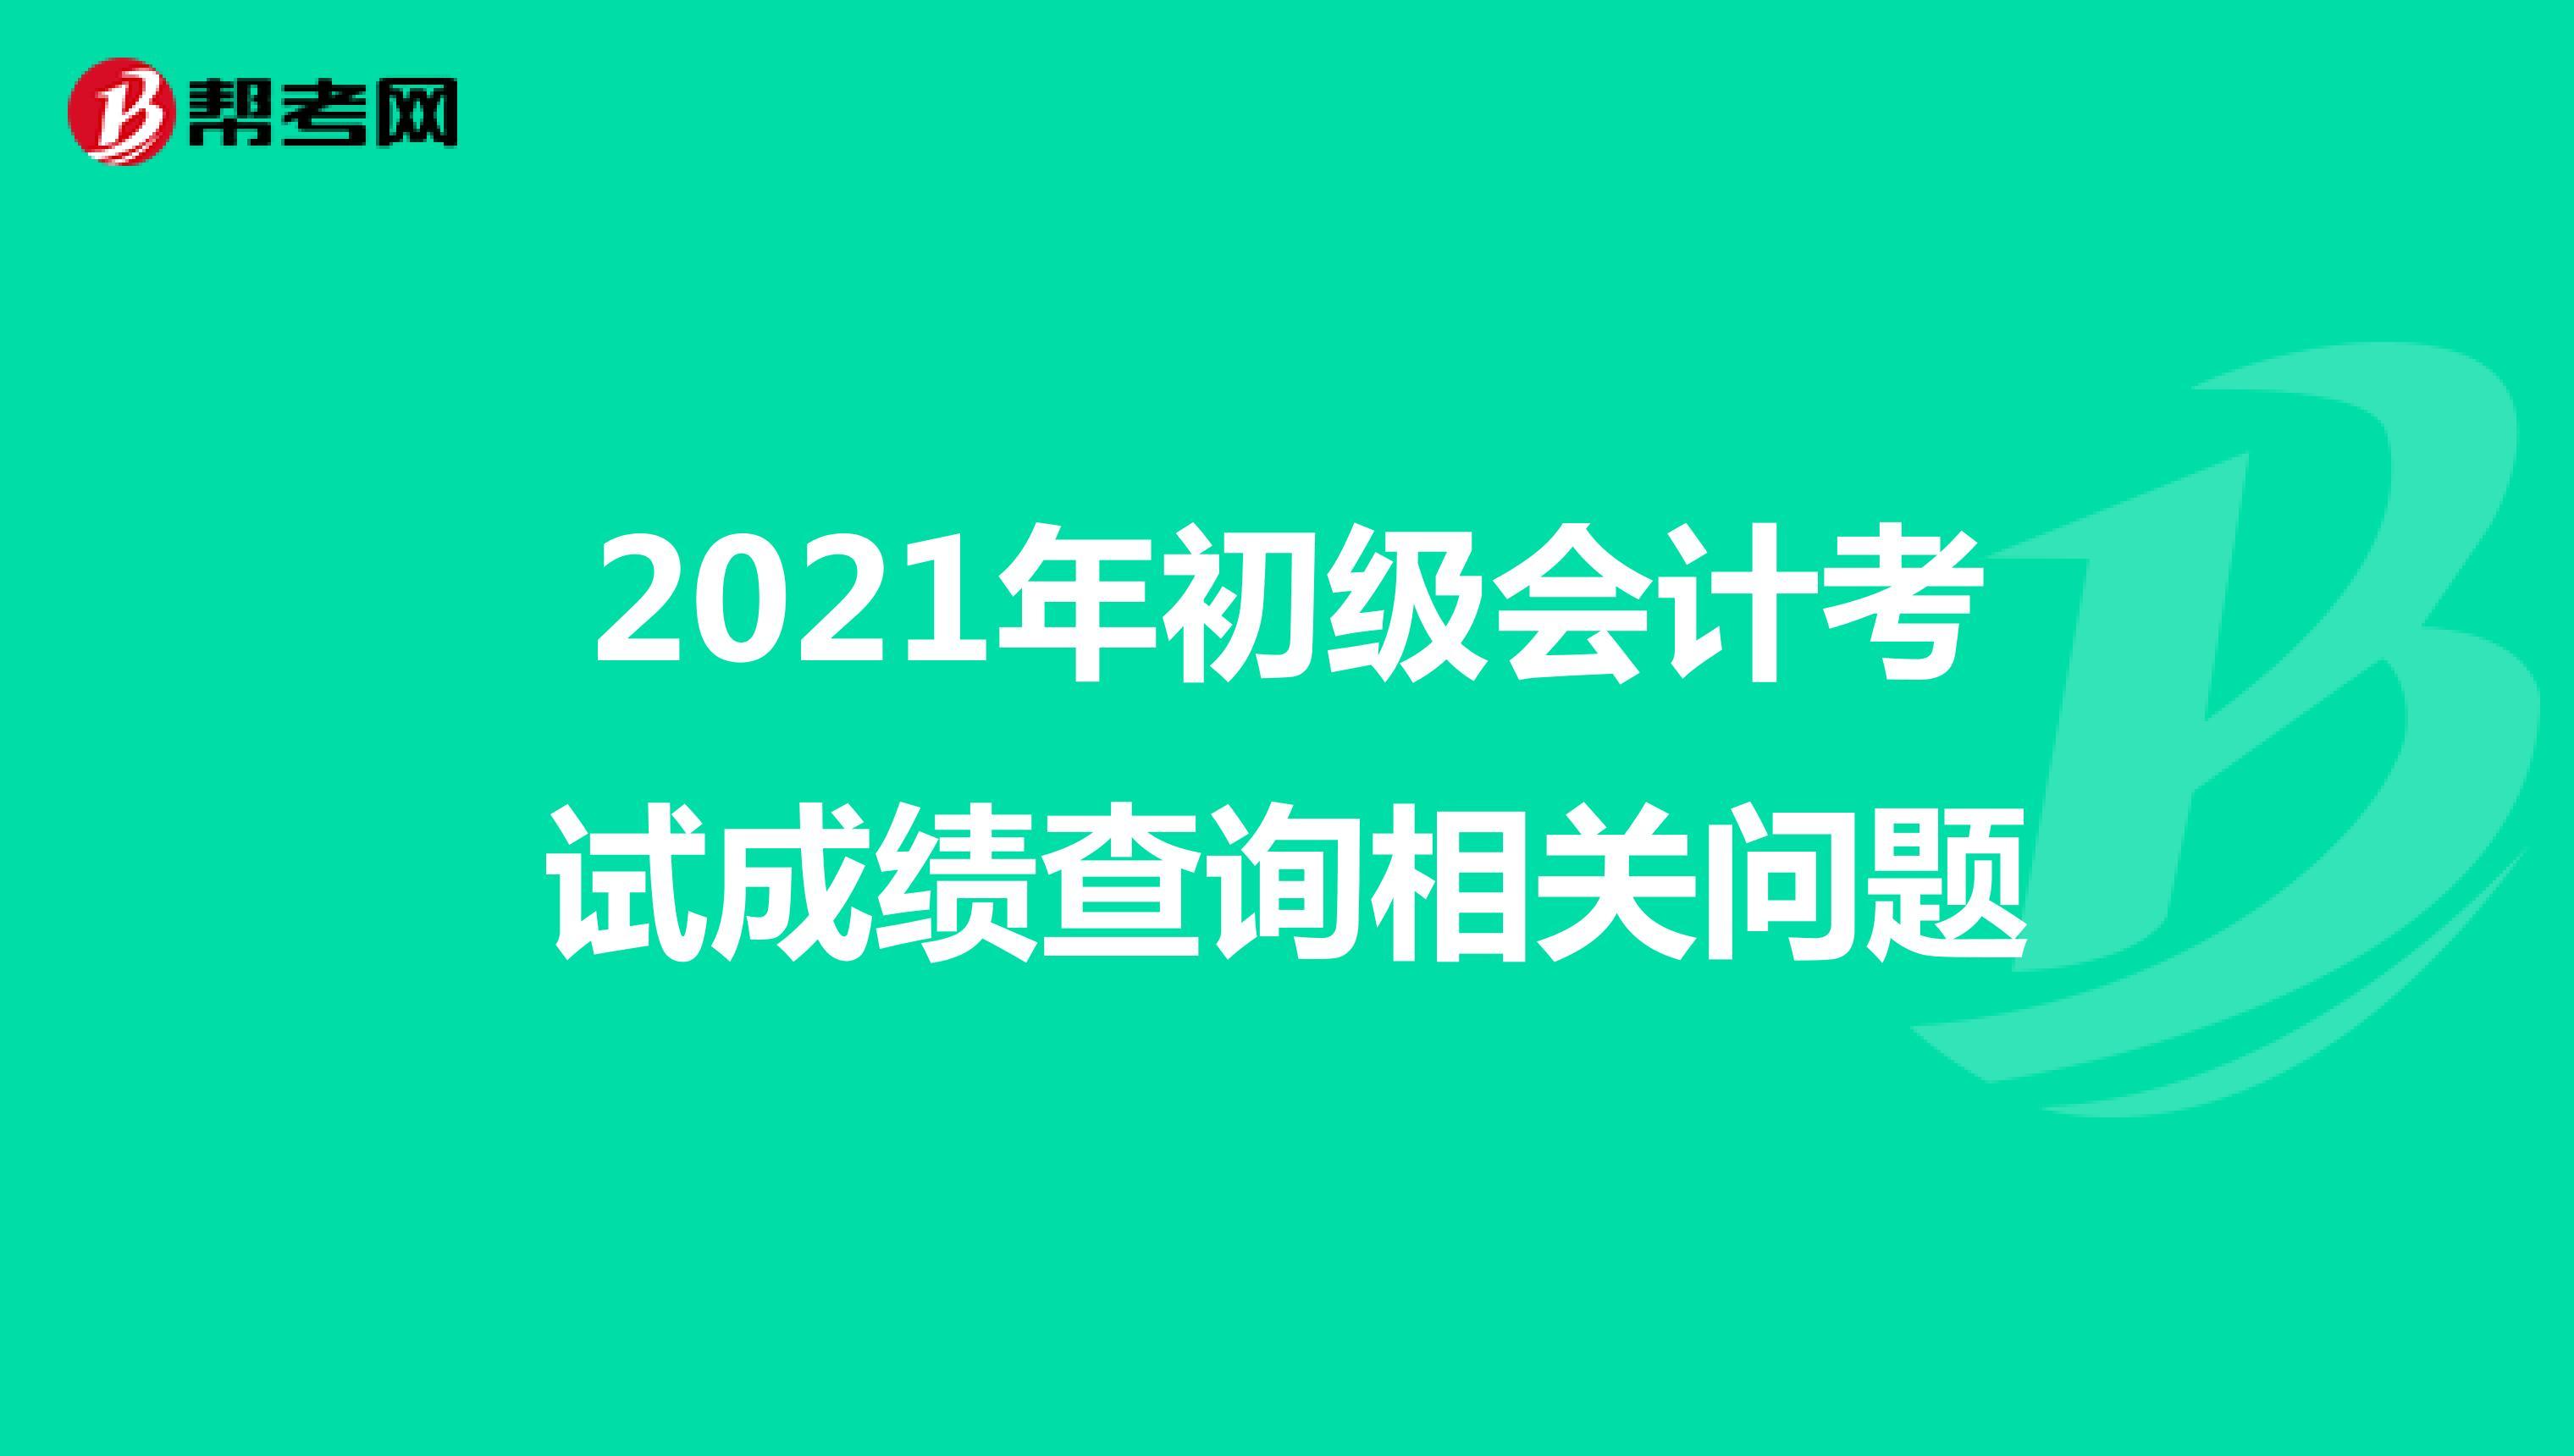 2021年初级会计考试成绩查询相关问题